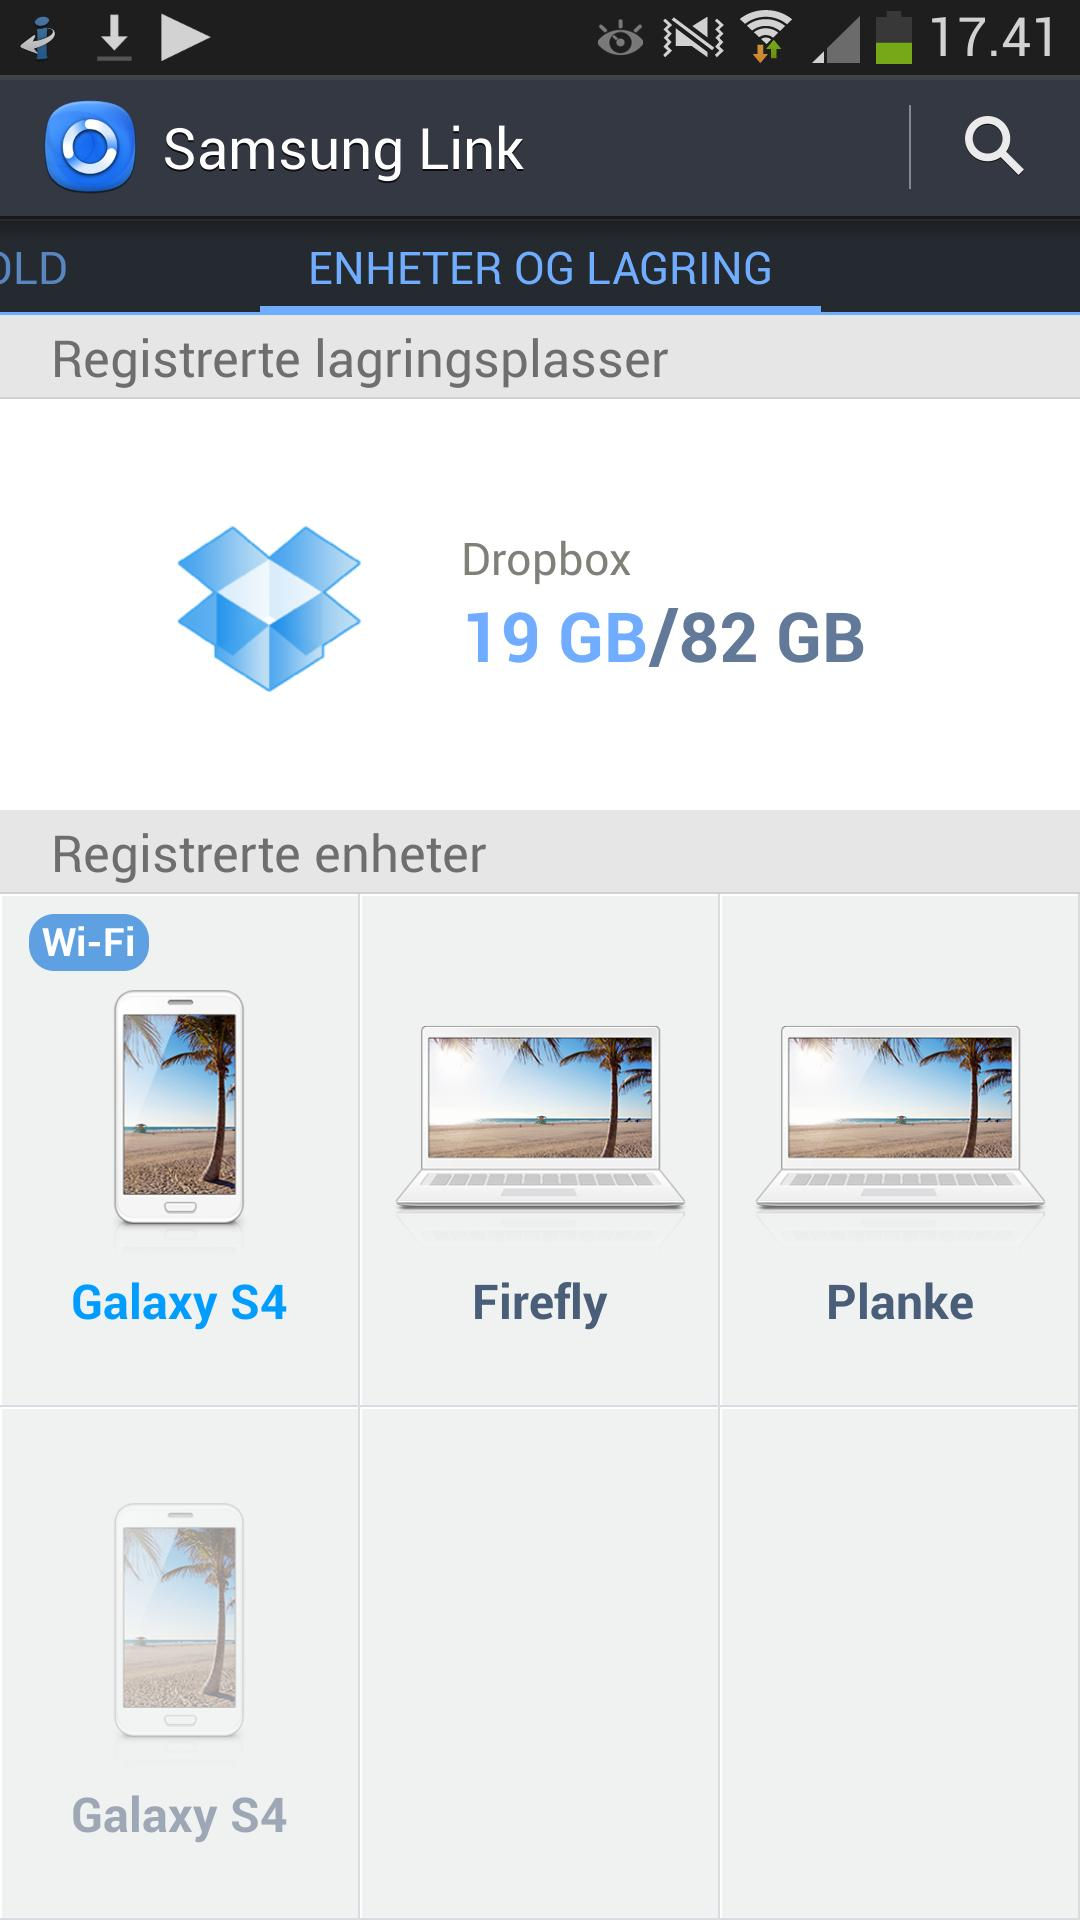 Samsung Link kan koble sammen Samsung-produkter og PC-er. Du får opp en oversikt over alle dingsene som er koblet opp, og kan se på innholdet uavhengig av hvilken enhet du bruker.Foto: Finn Jarle Kvalheim, Amobil.no